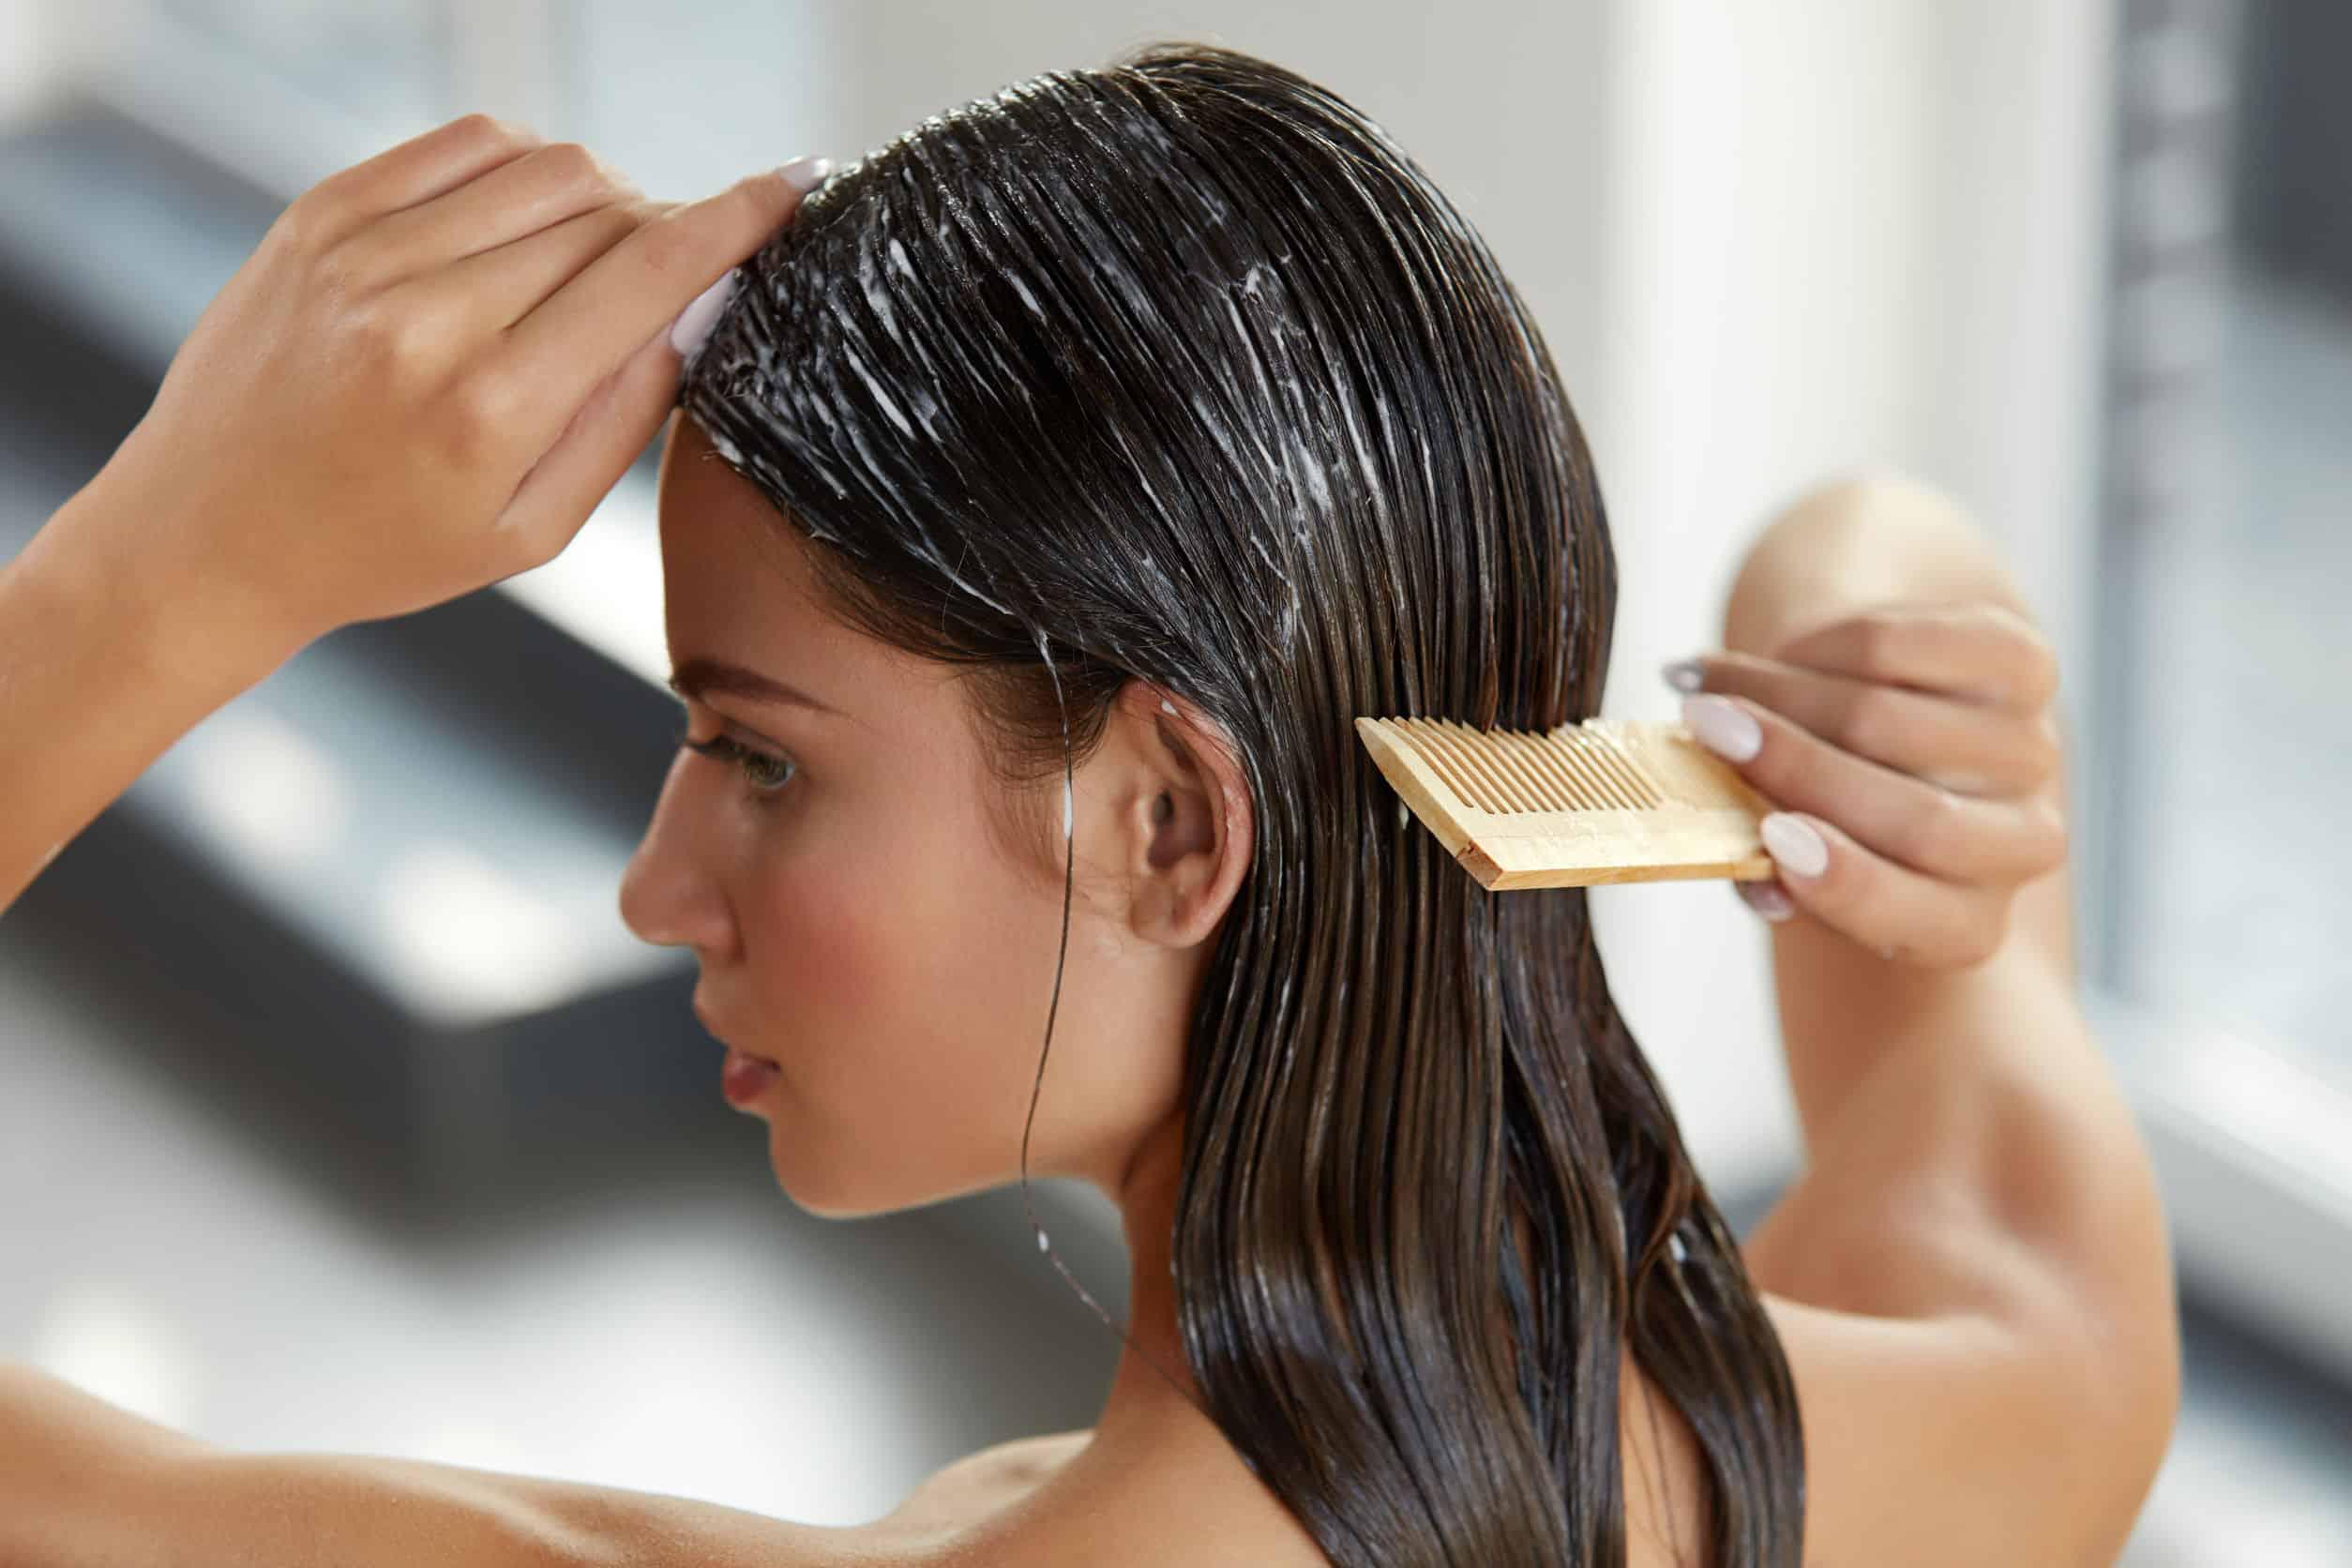 Imagem de uma mulher aplicando um pré-shampoo.